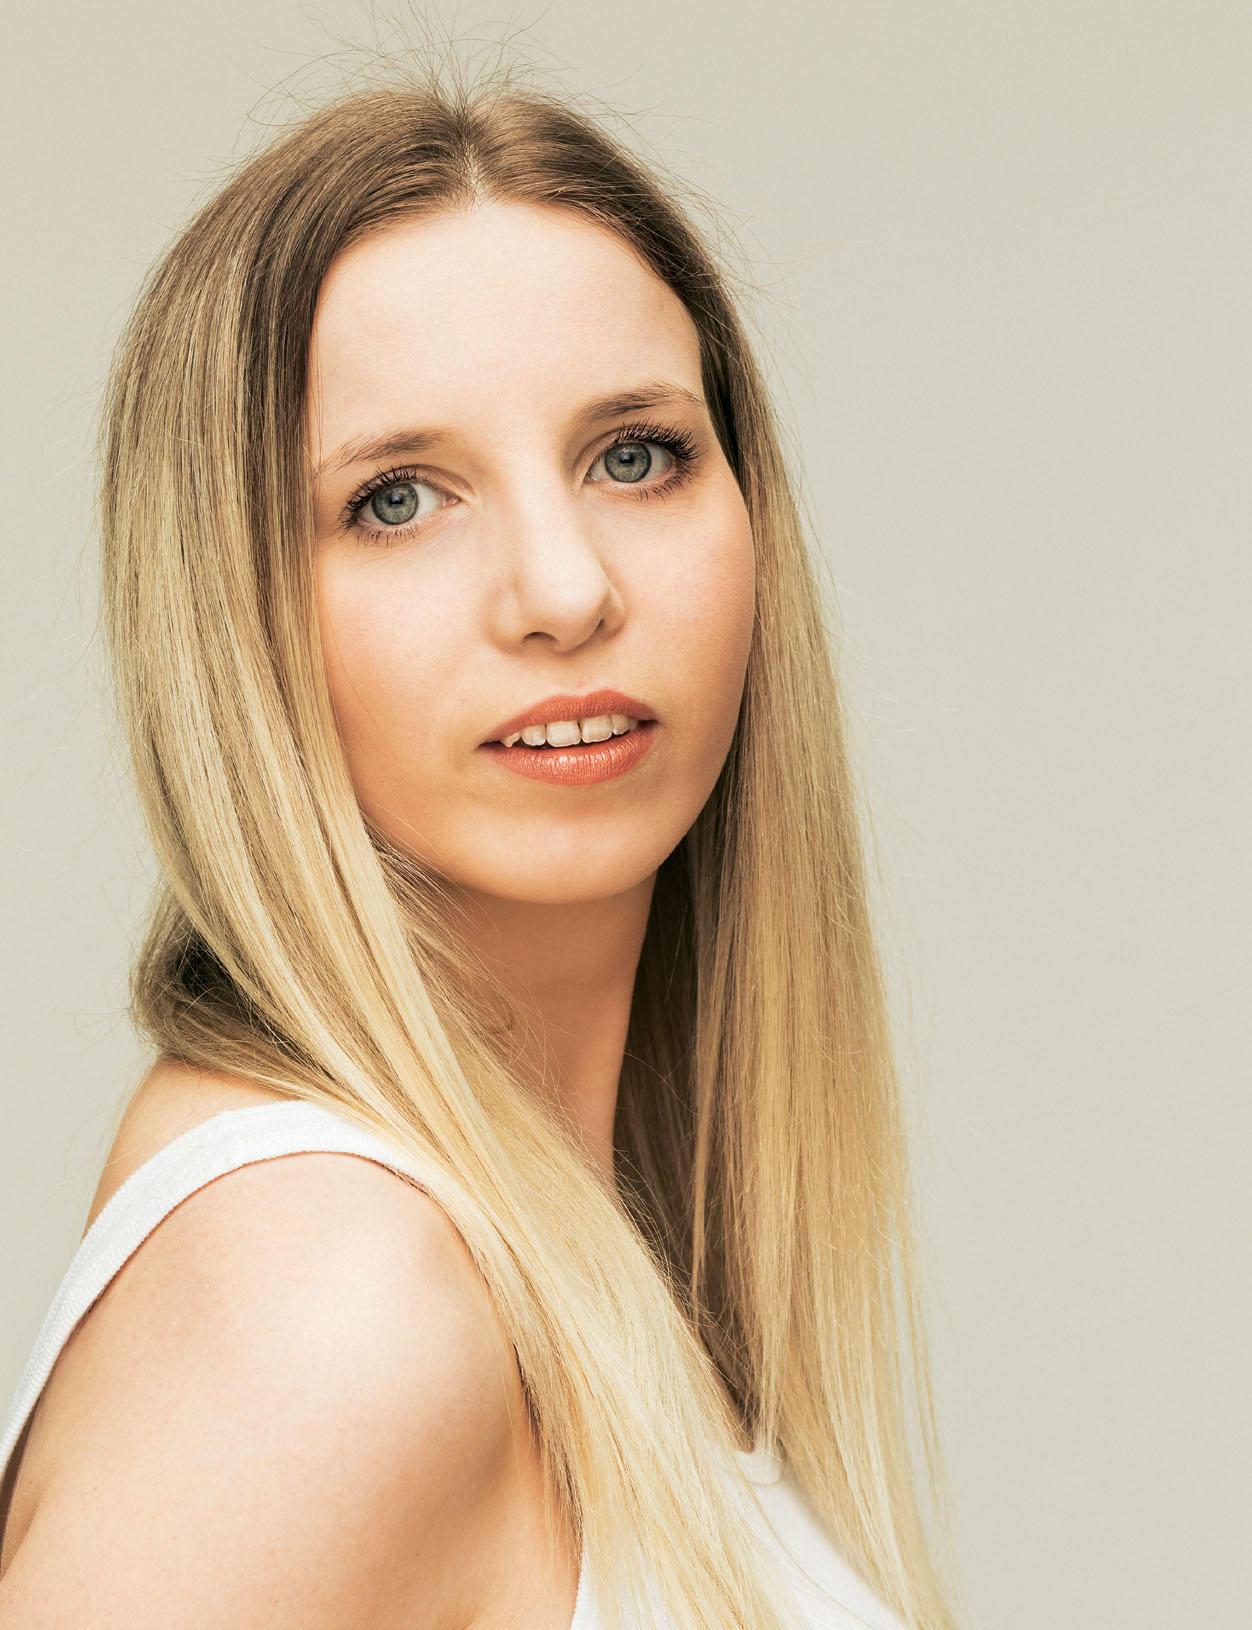 Frisur: Chiara vor dem Umstyling